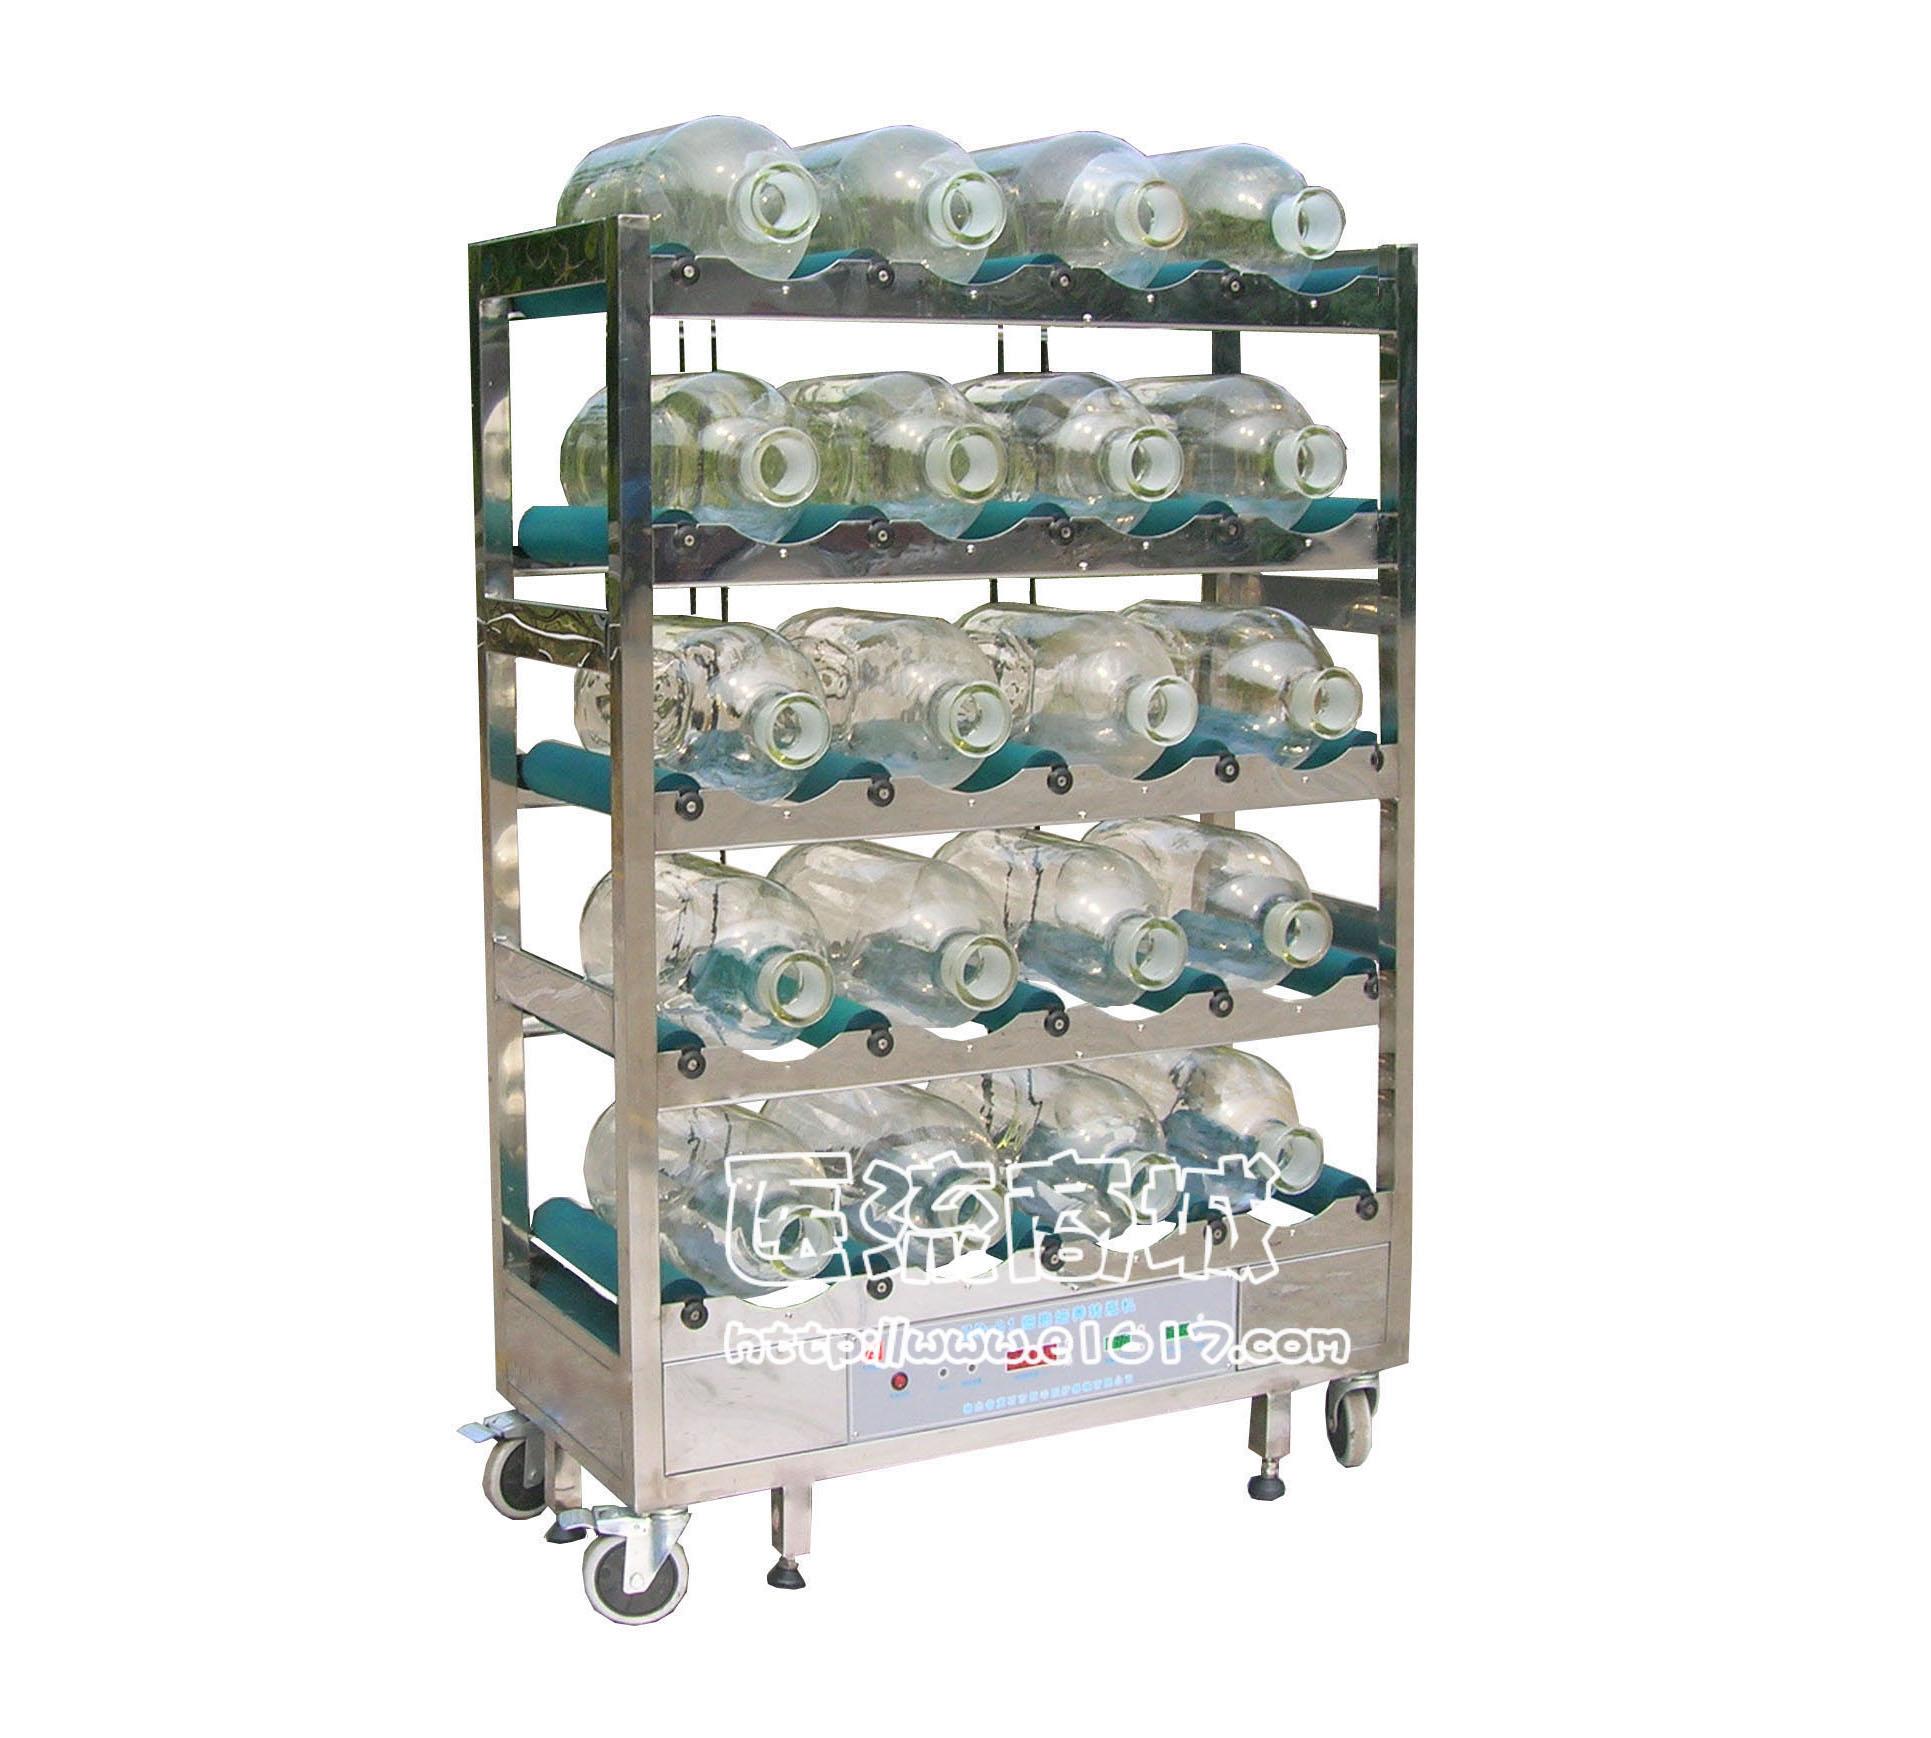 恒丰 ZP-01-25 细胞培养转瓶机 25瓶位